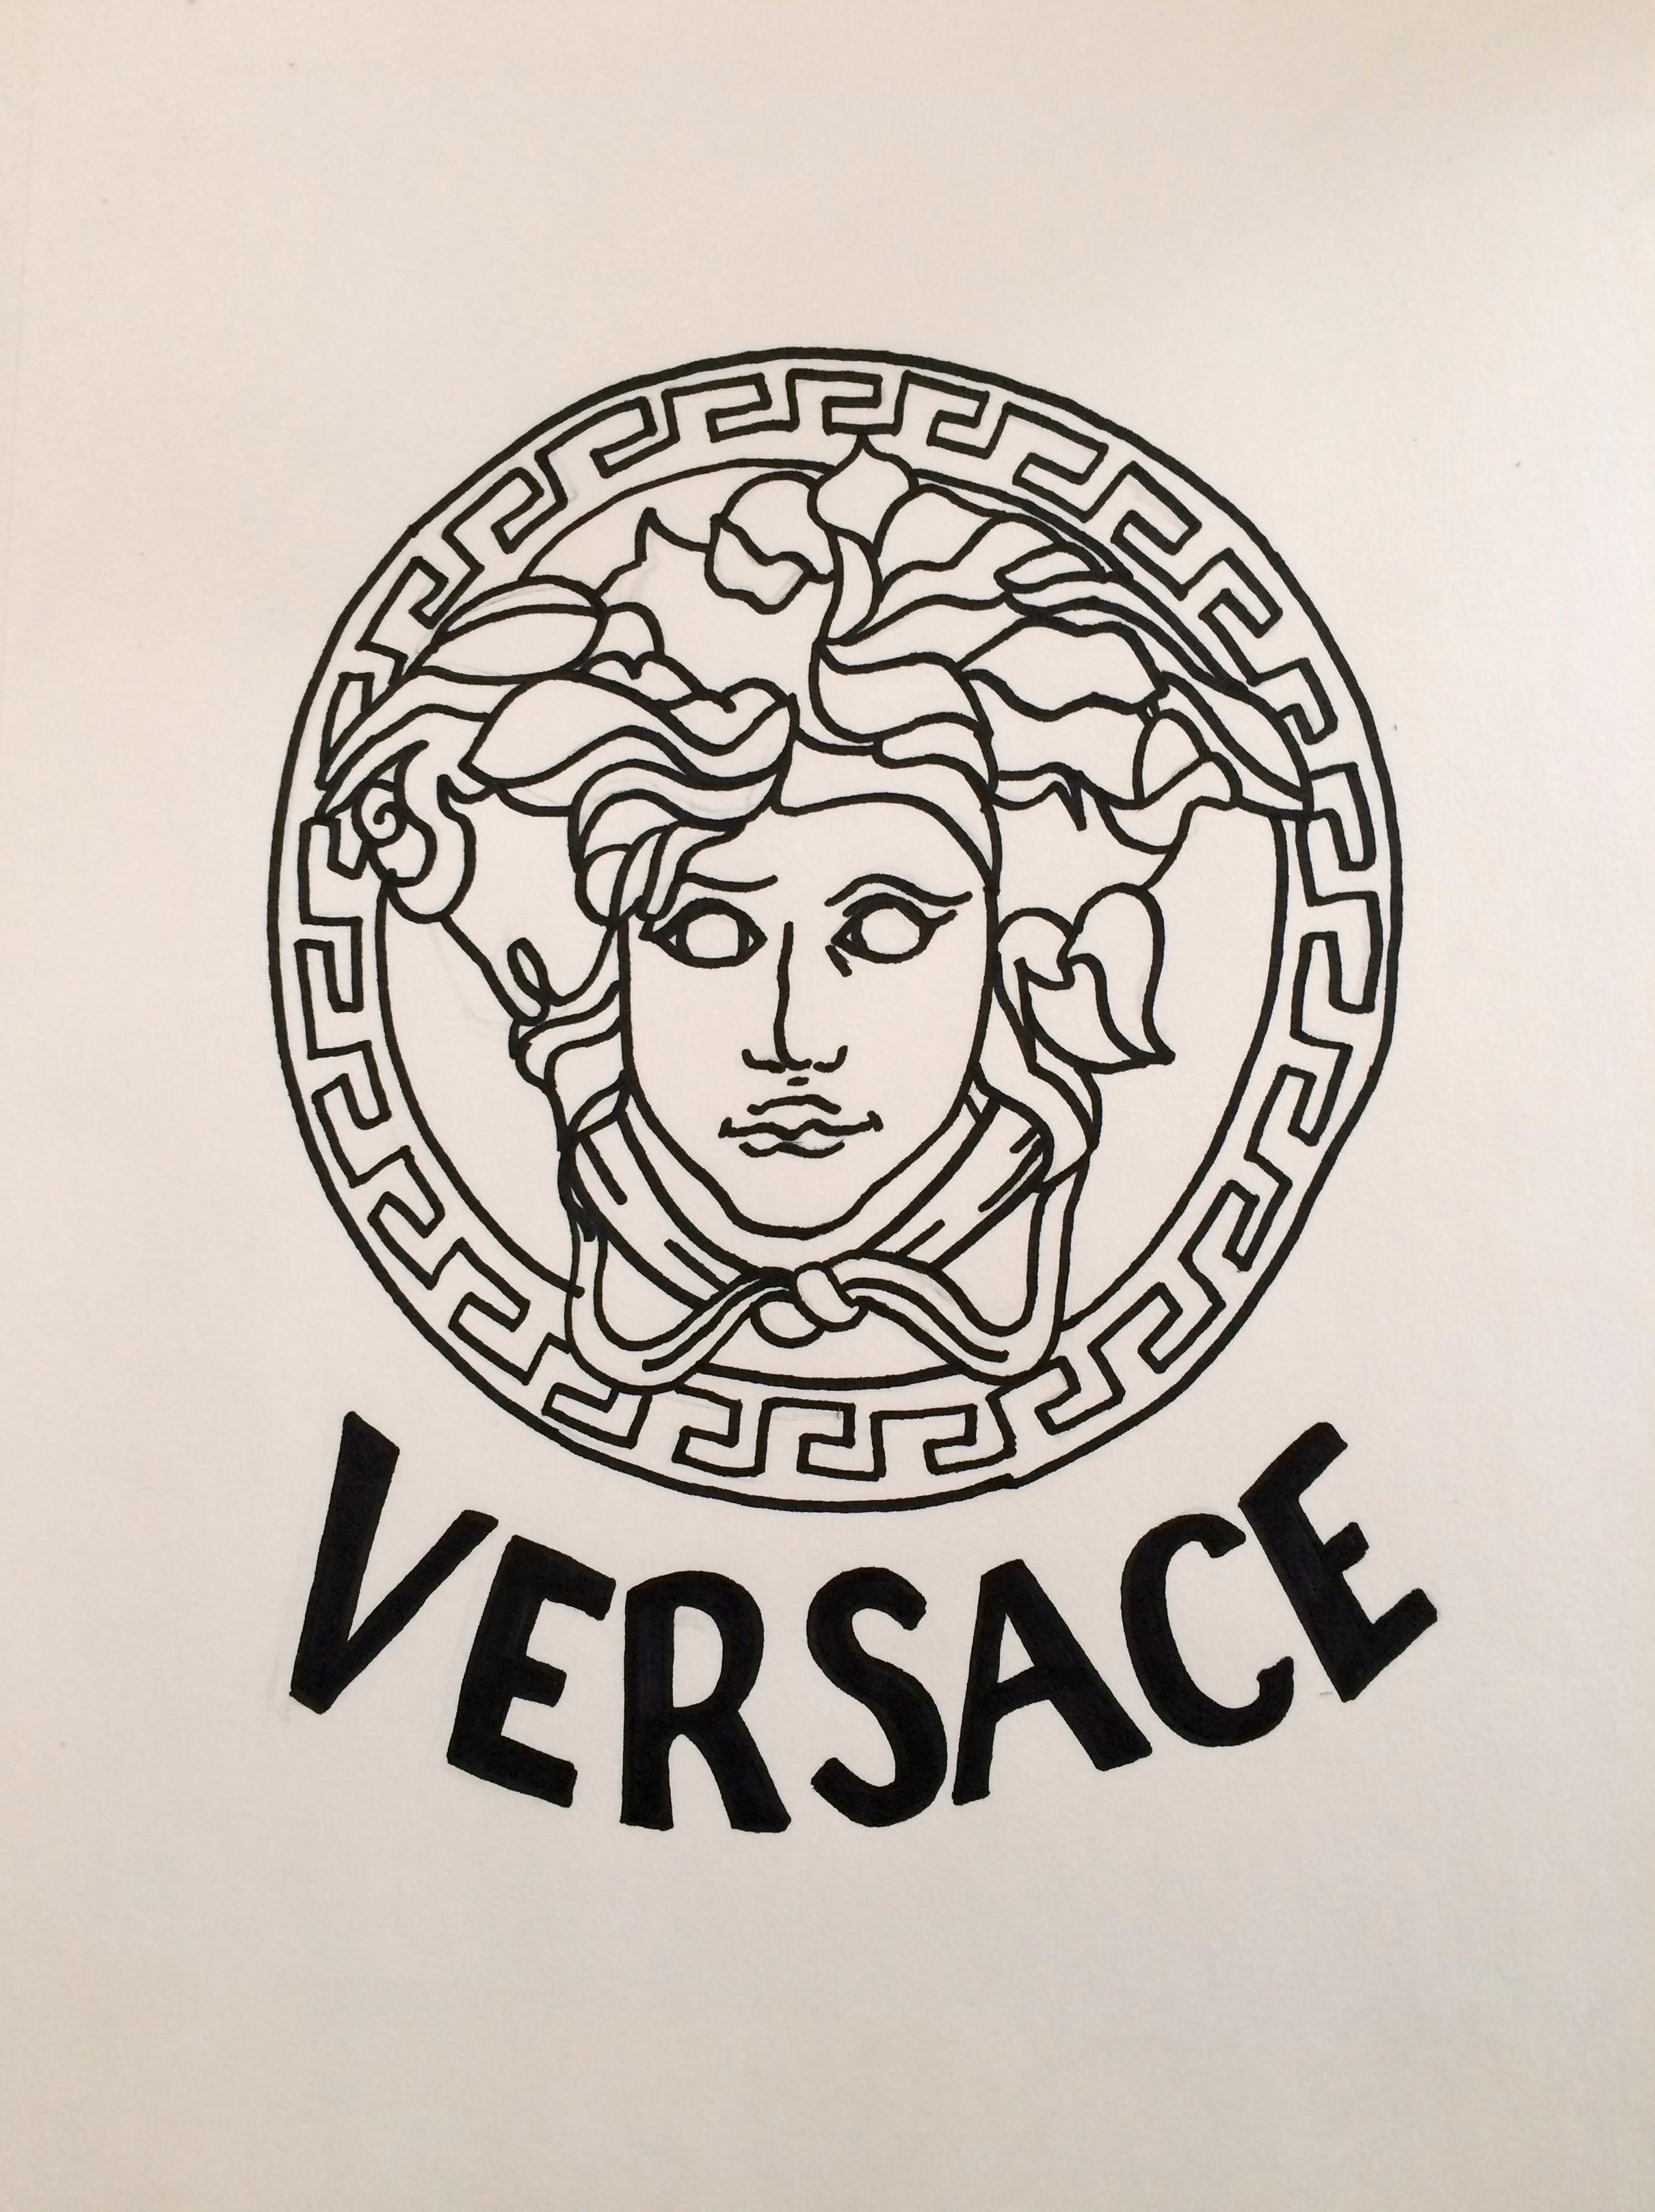 Versace Logo Design - fluechtlingskrise